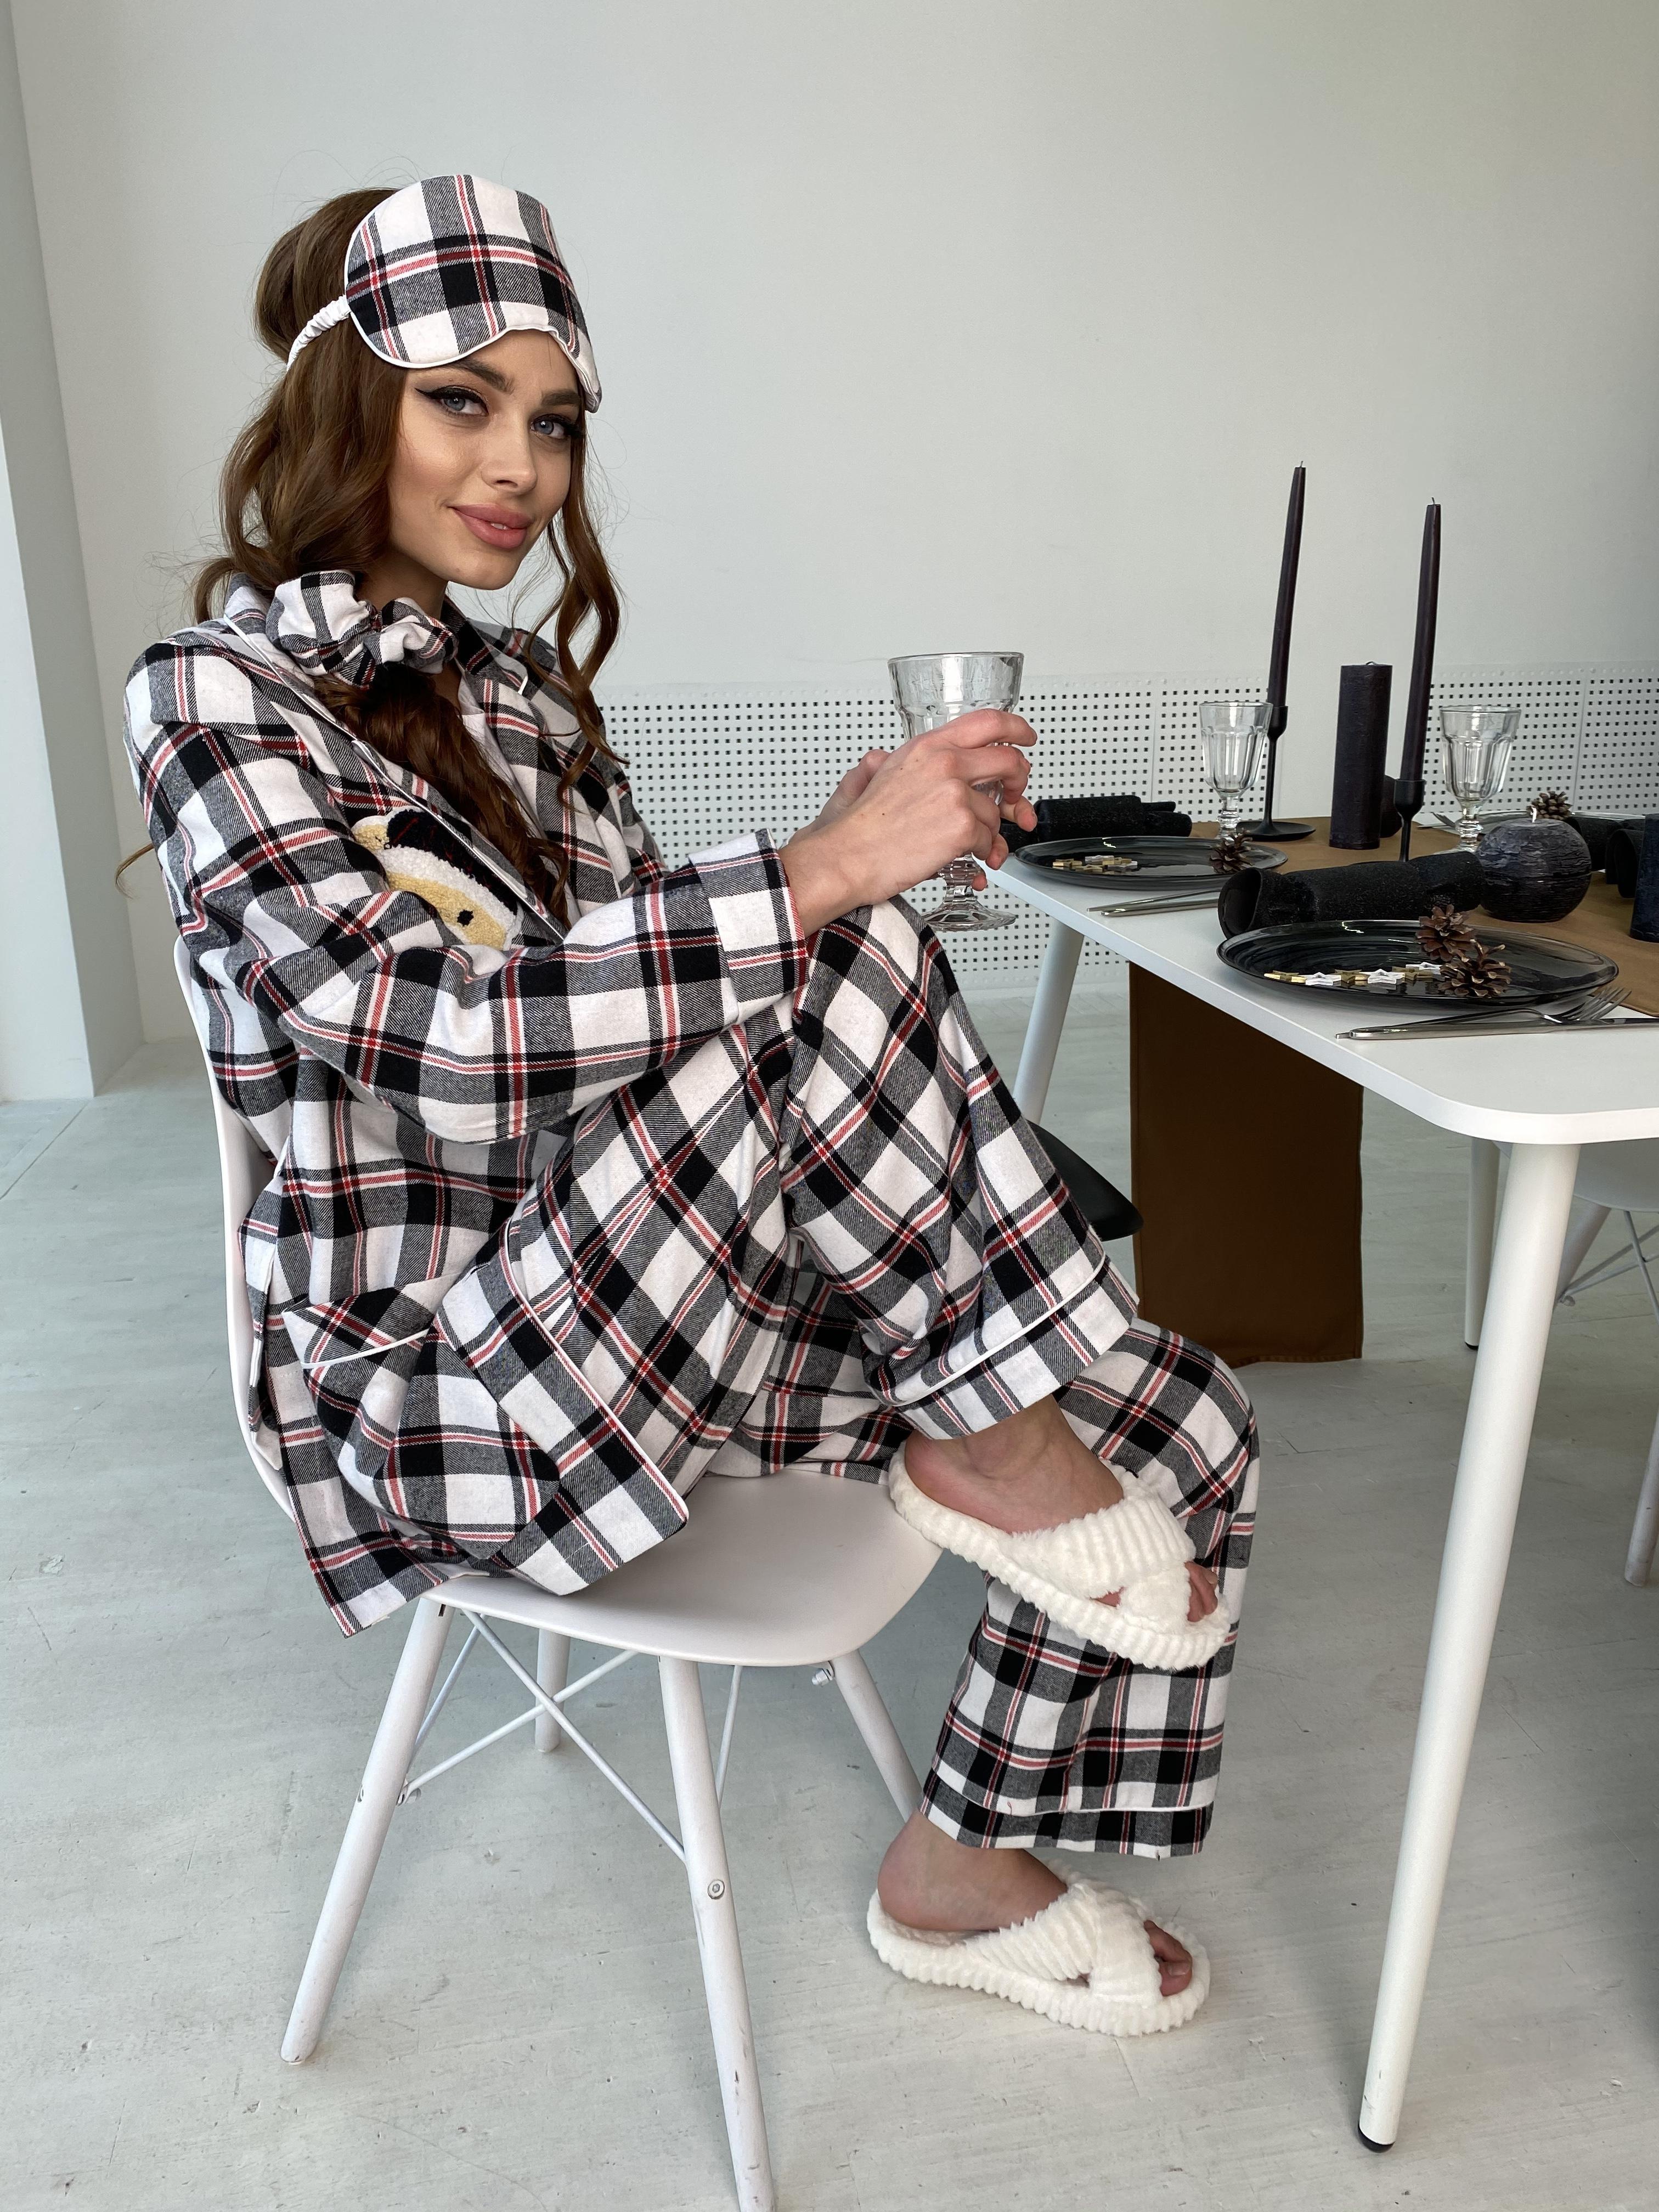 Тедди пижама в клетку из коттона(жакет,футболка,брюки,маска,резинка) 10384 АРТ. 46827 Цвет: Черный/белый/красный - фото 6, интернет магазин tm-modus.ru